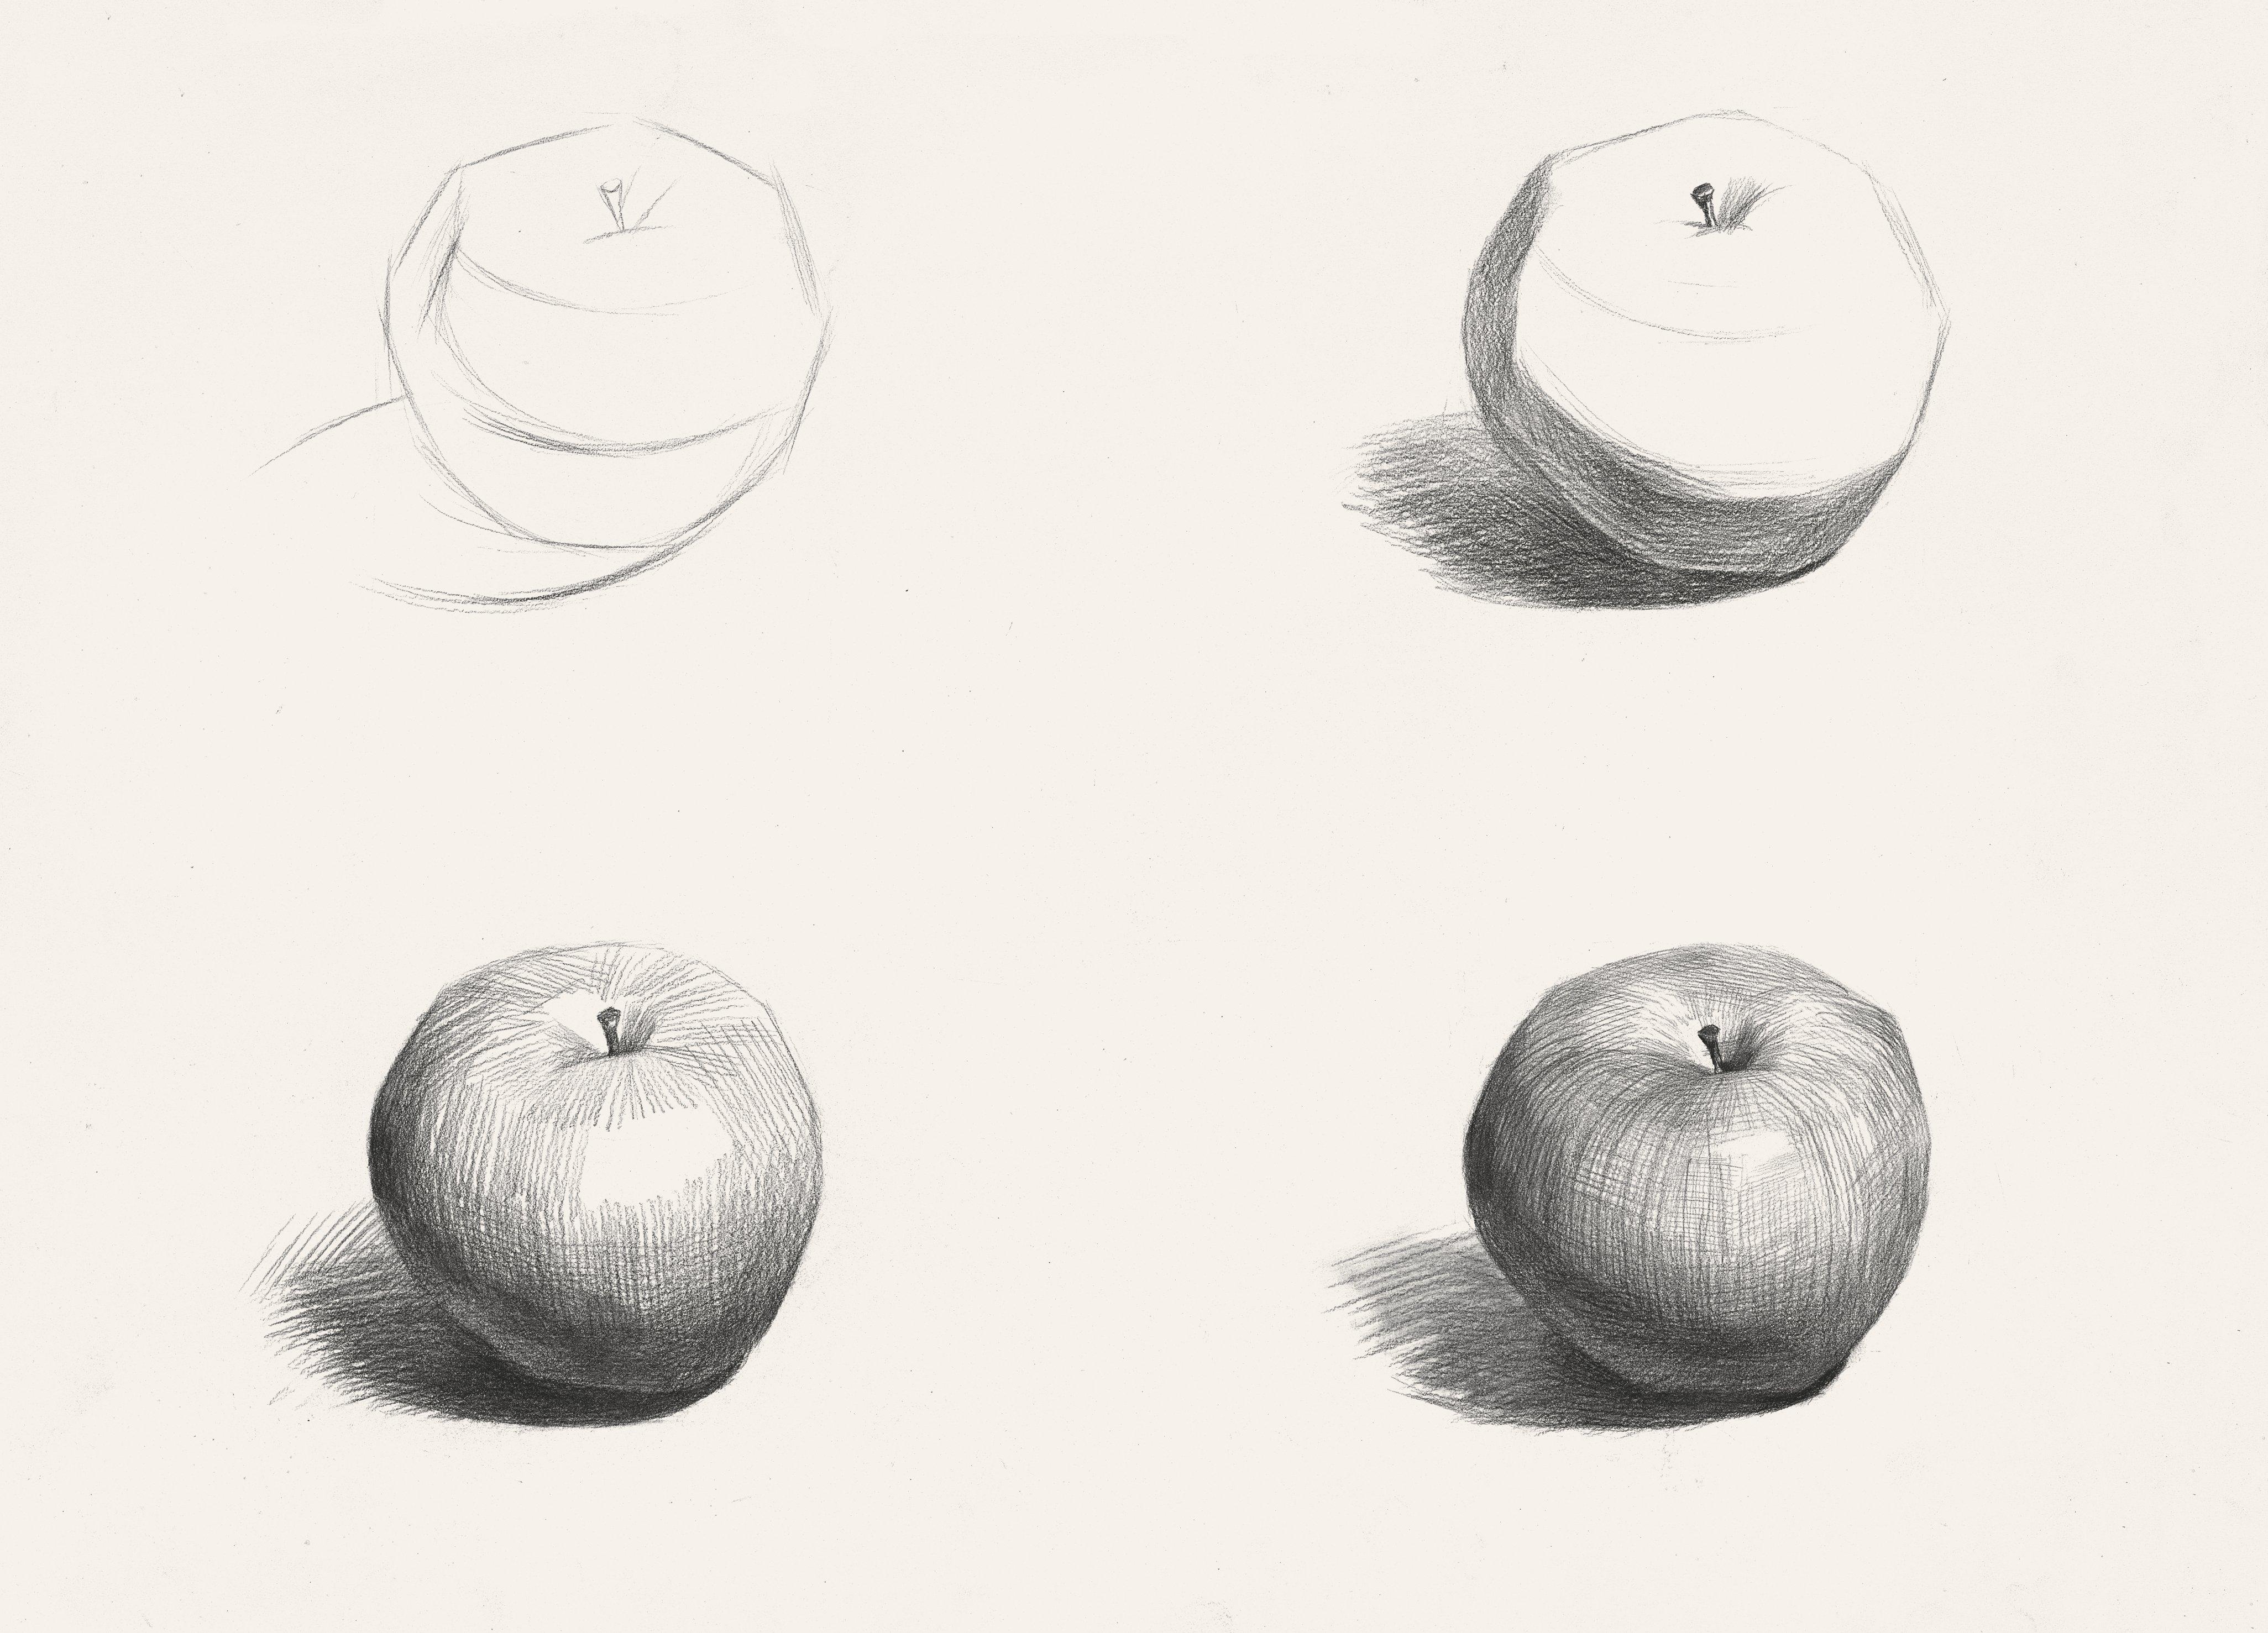 素描静物步骤图素描苹果苹果,美术作品图库 美术宝图库